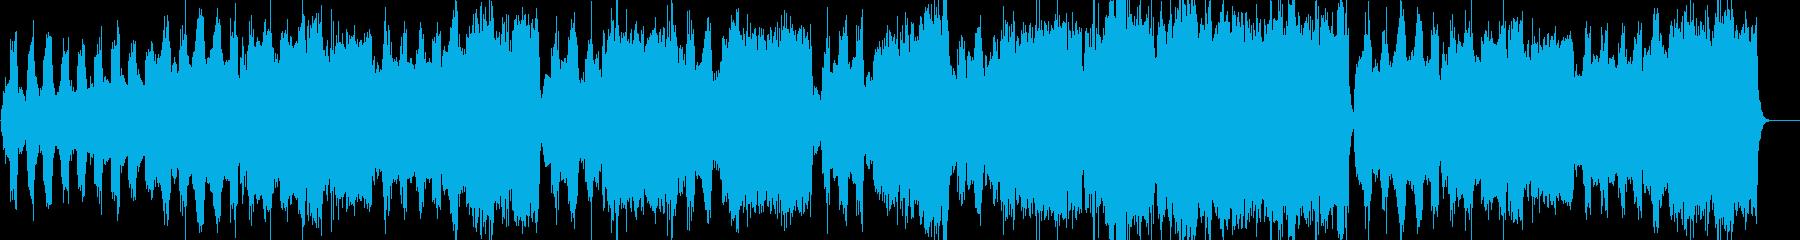 クラシック:切ない、しっとり、夕暮れの再生済みの波形